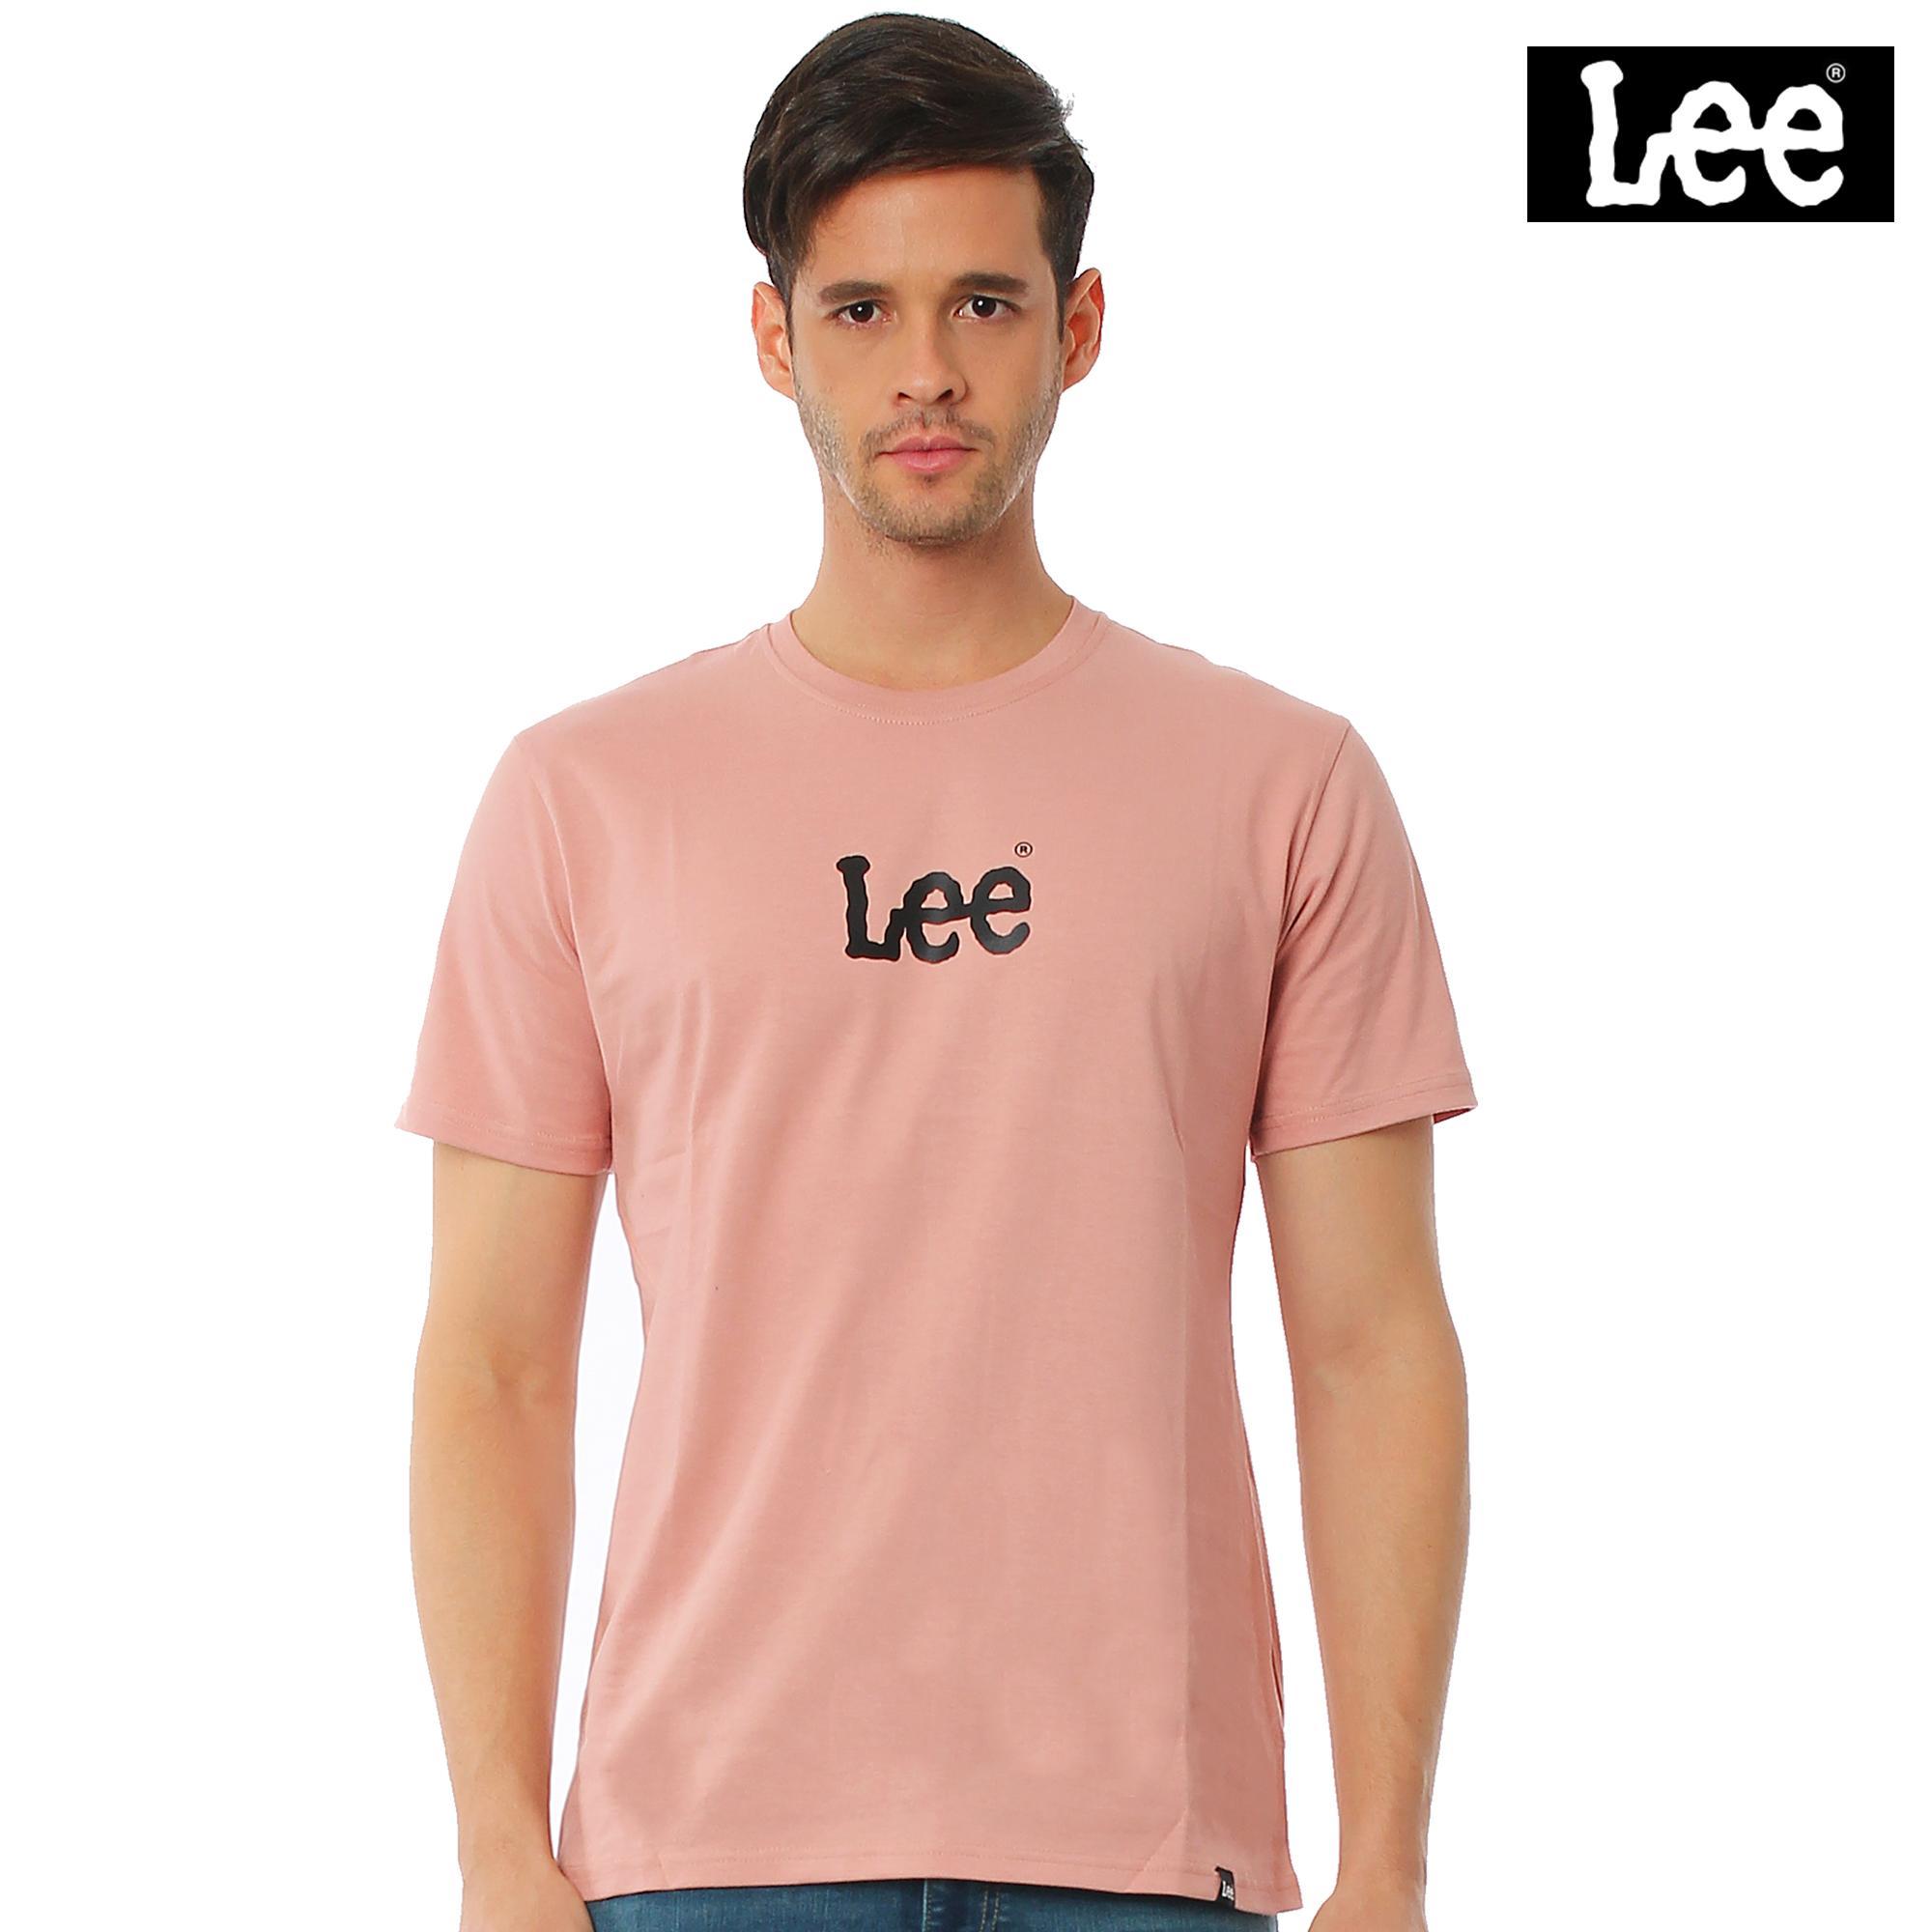 efbb26aaa8 Lee Philippines  Lee price list - Lee Shirts